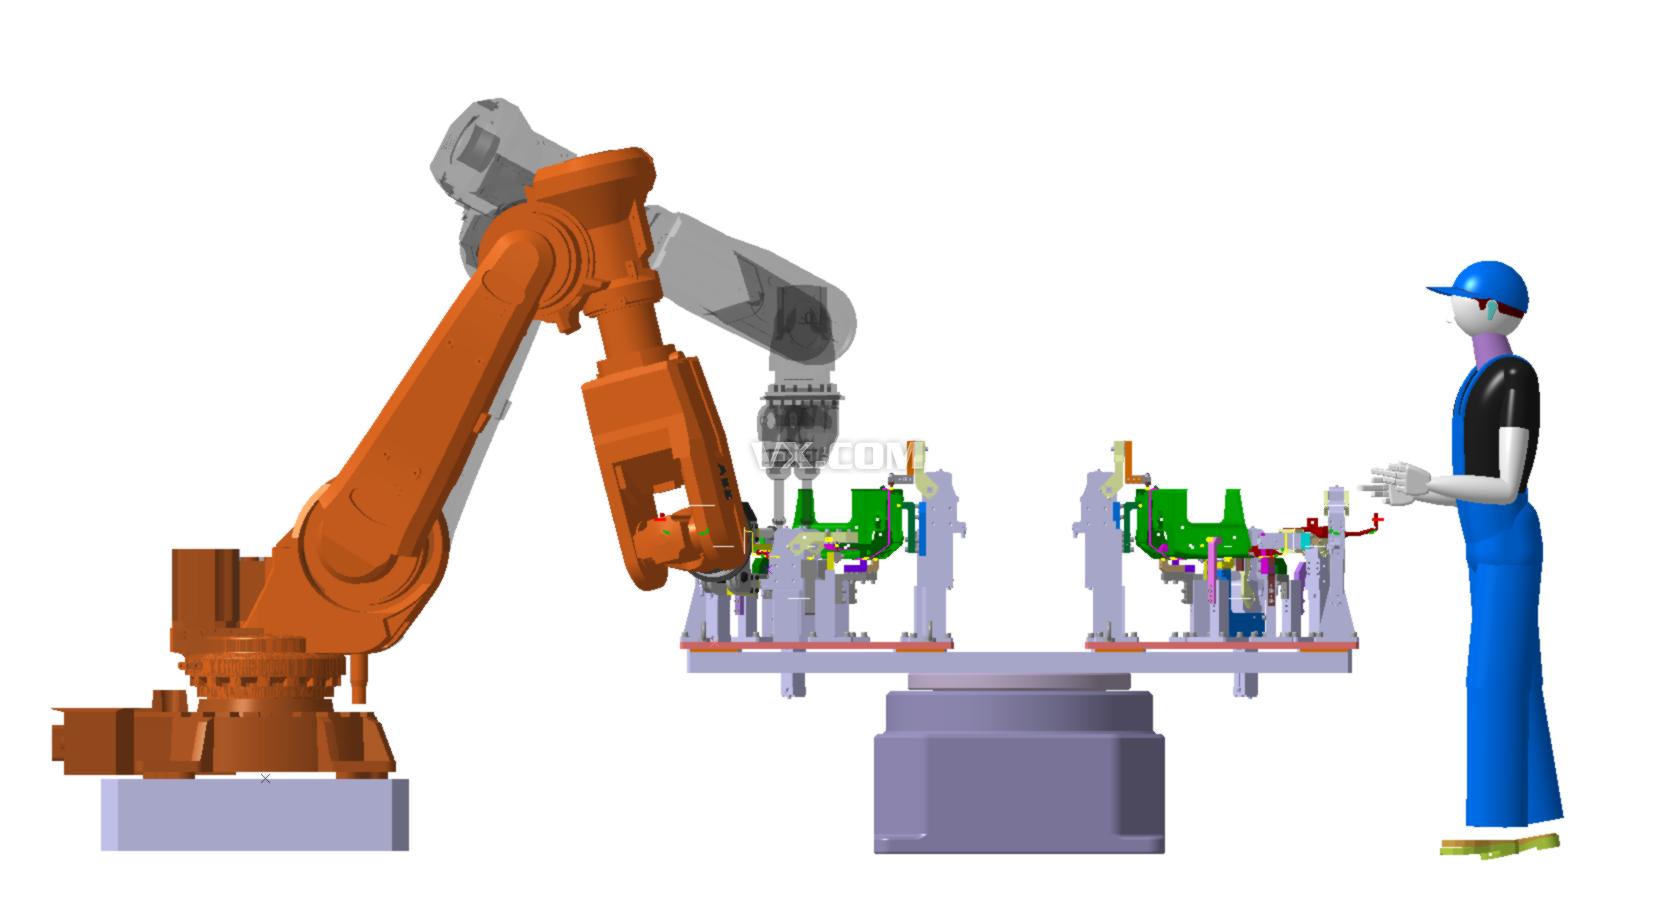 abb机器人自动焊接工作站